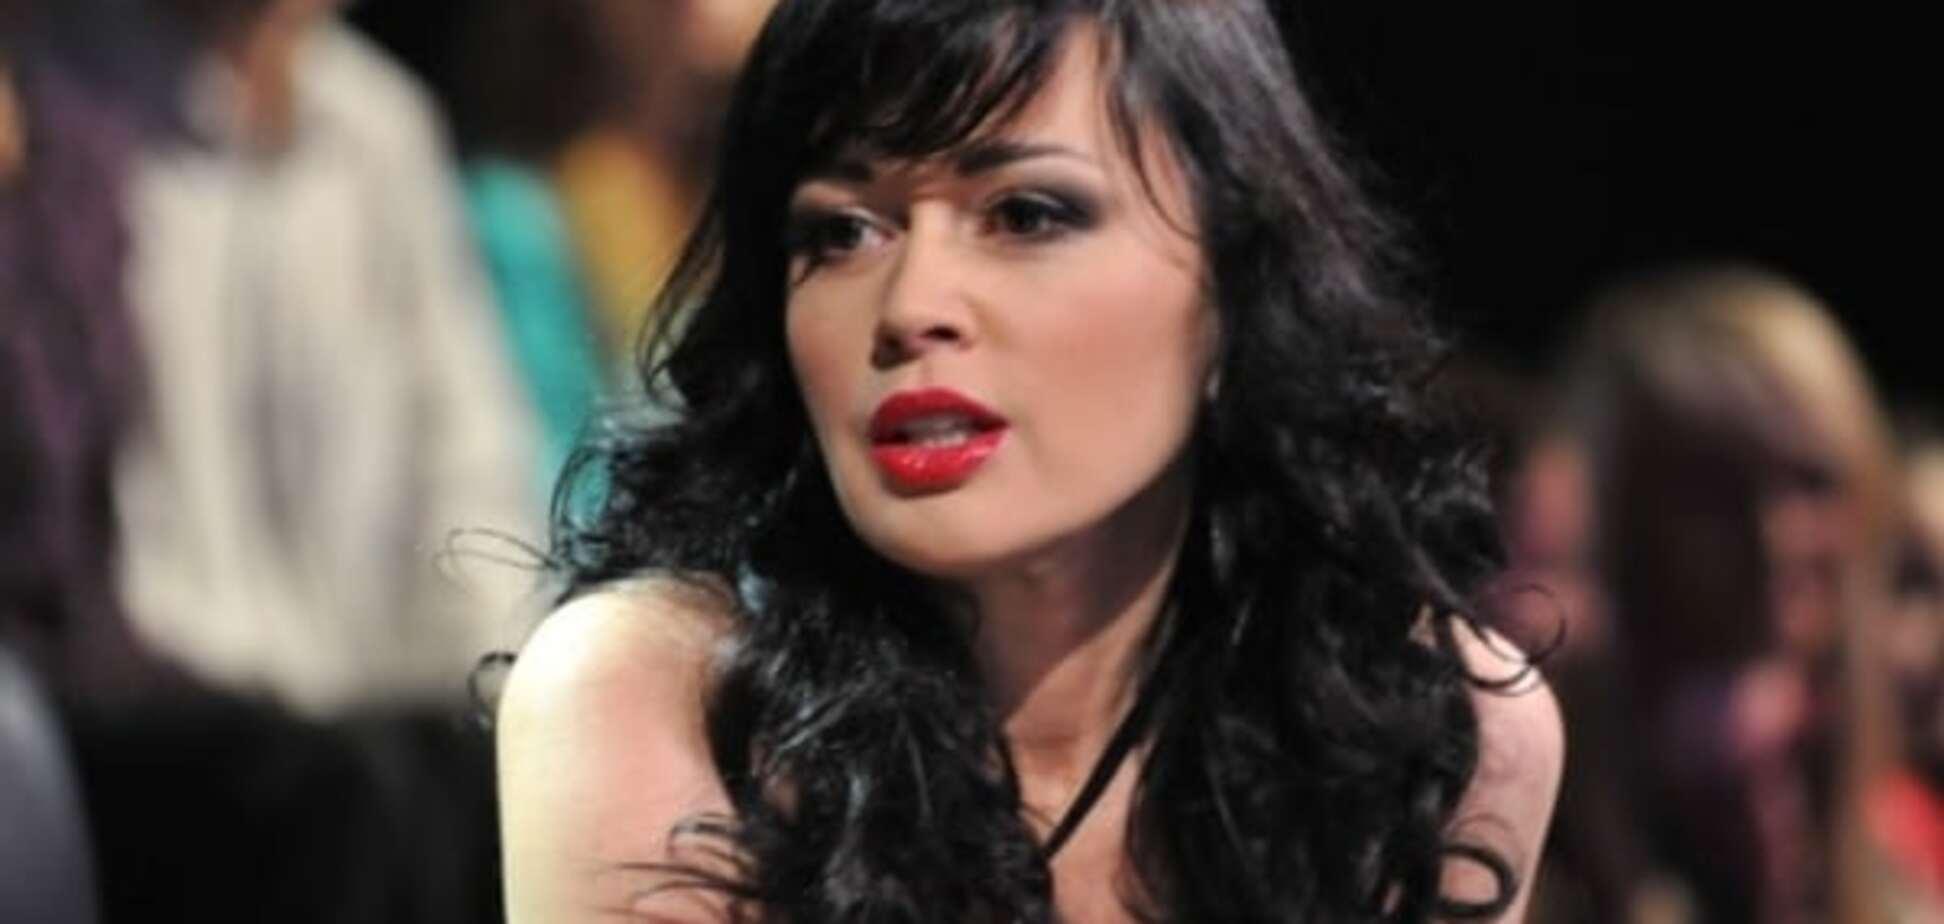 Известной актрисе Анастасии Заворотнюк запретили выезд из России